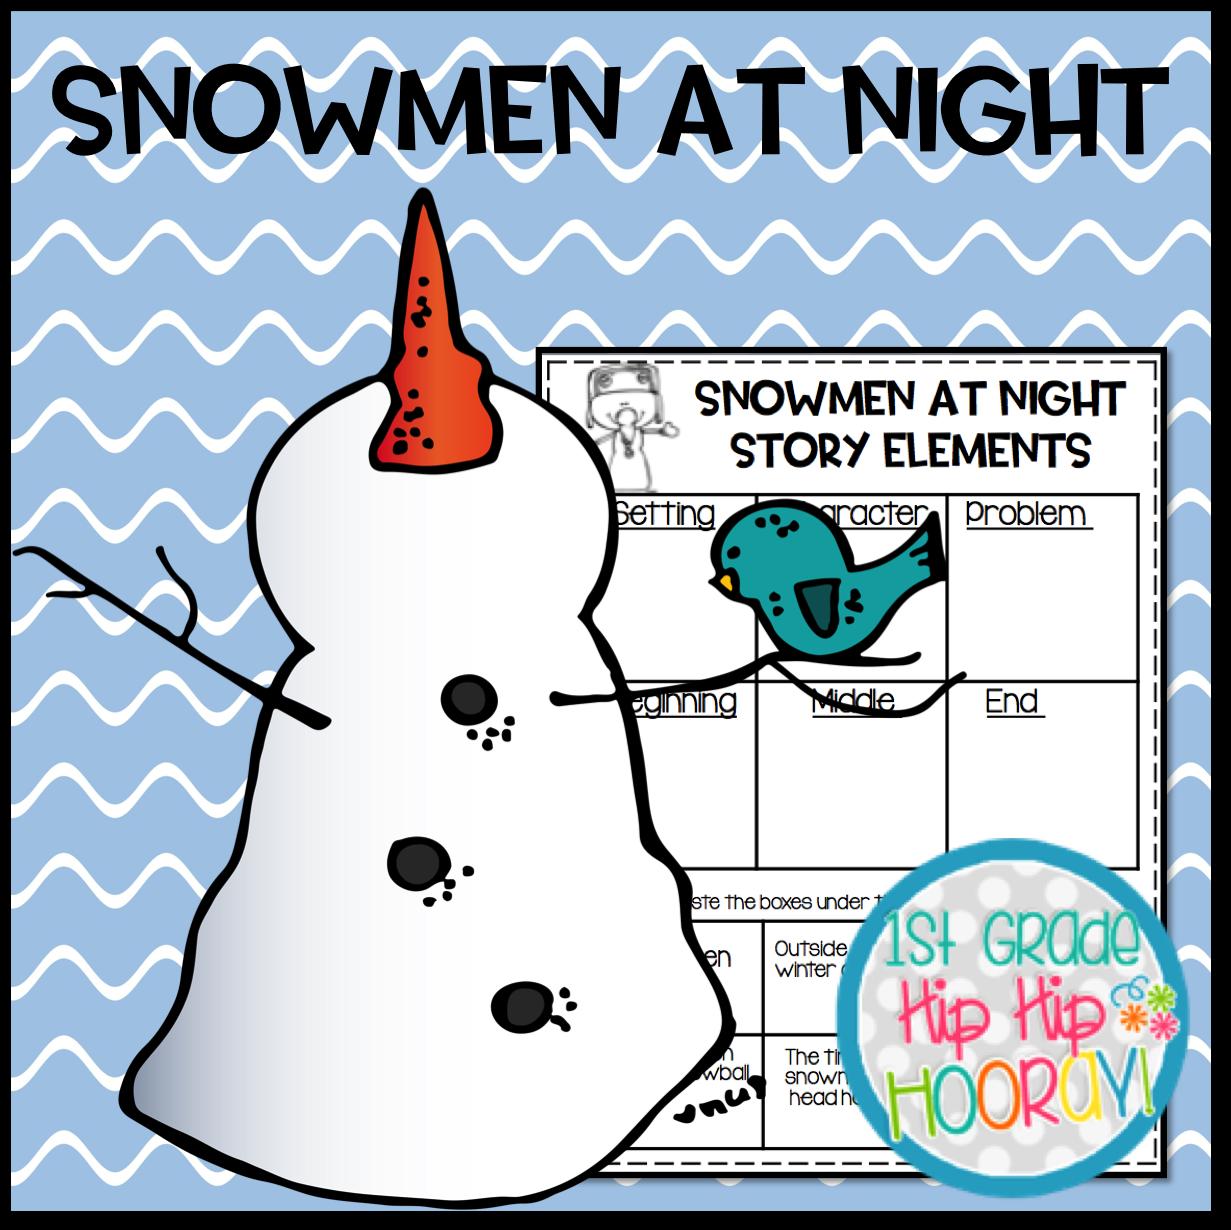 1st Grade Hip Hip Hooray Snowmen At Night A Free